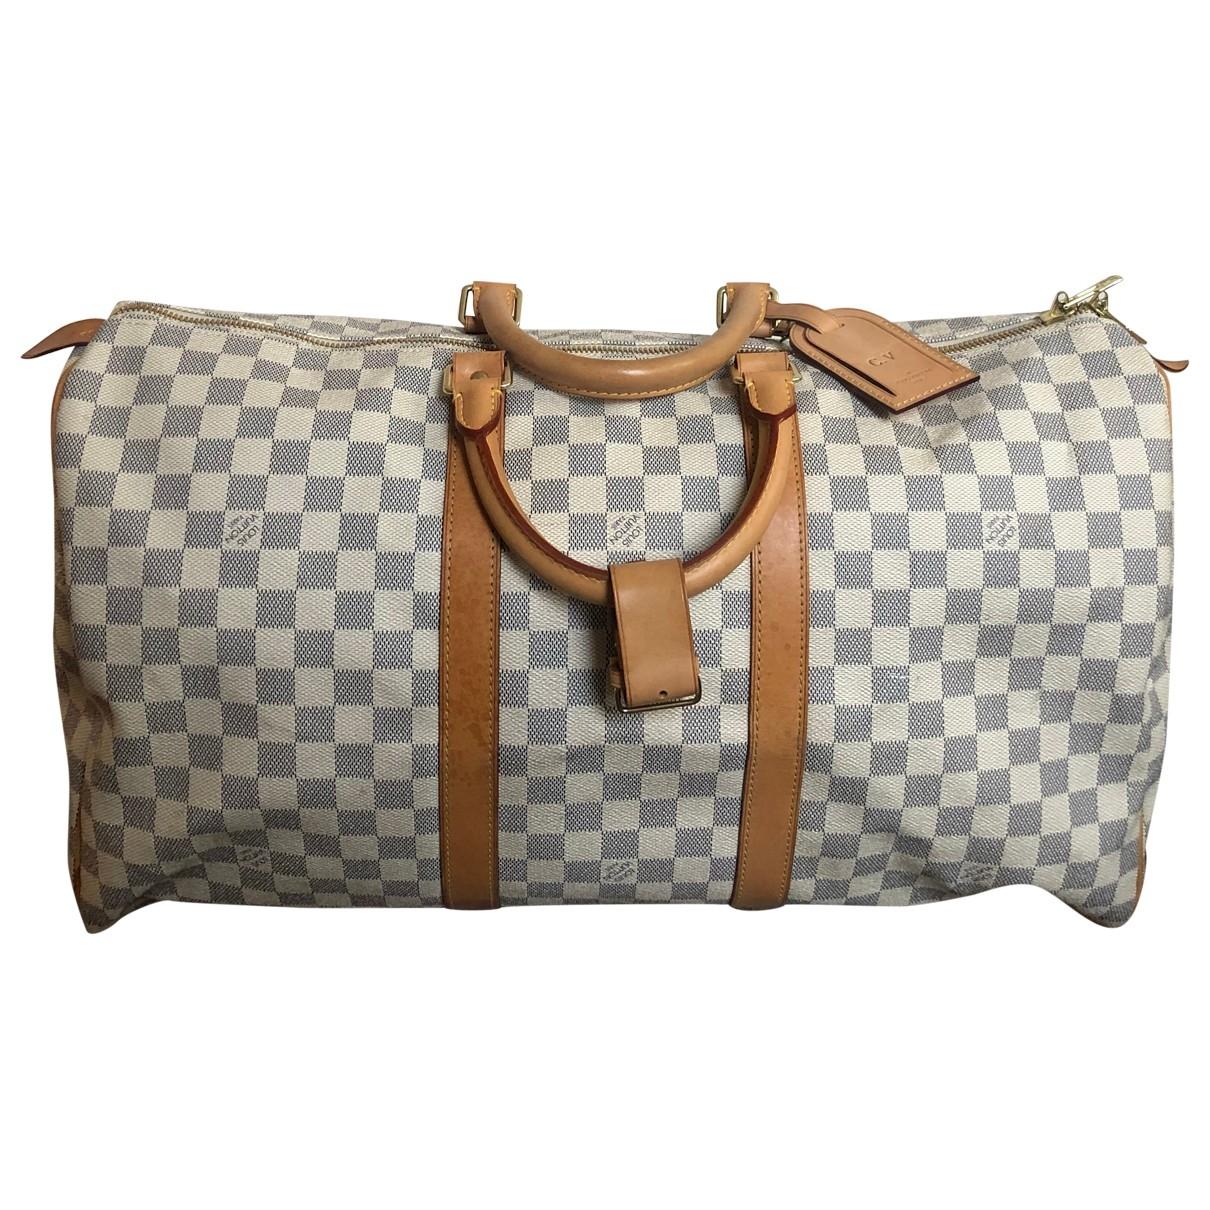 Louis Vuitton Keepall White Cloth Travel bag for Women \N